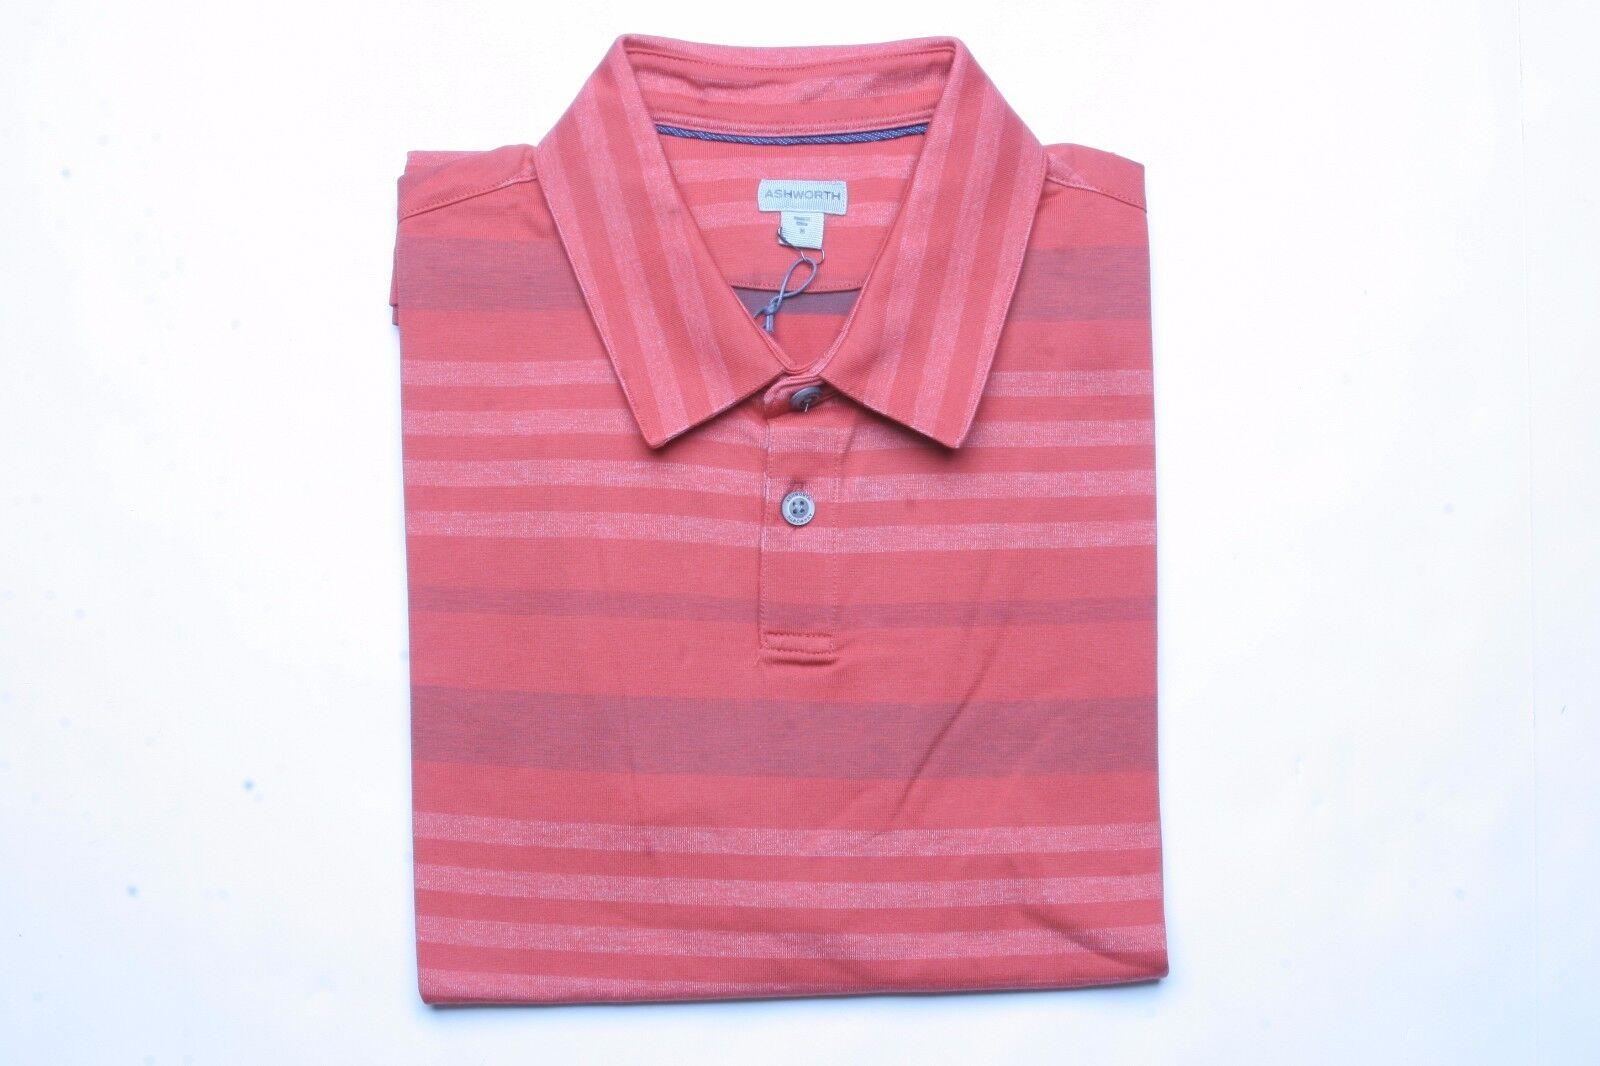 Ashworth Textured Polo Shirt (M) AE9682